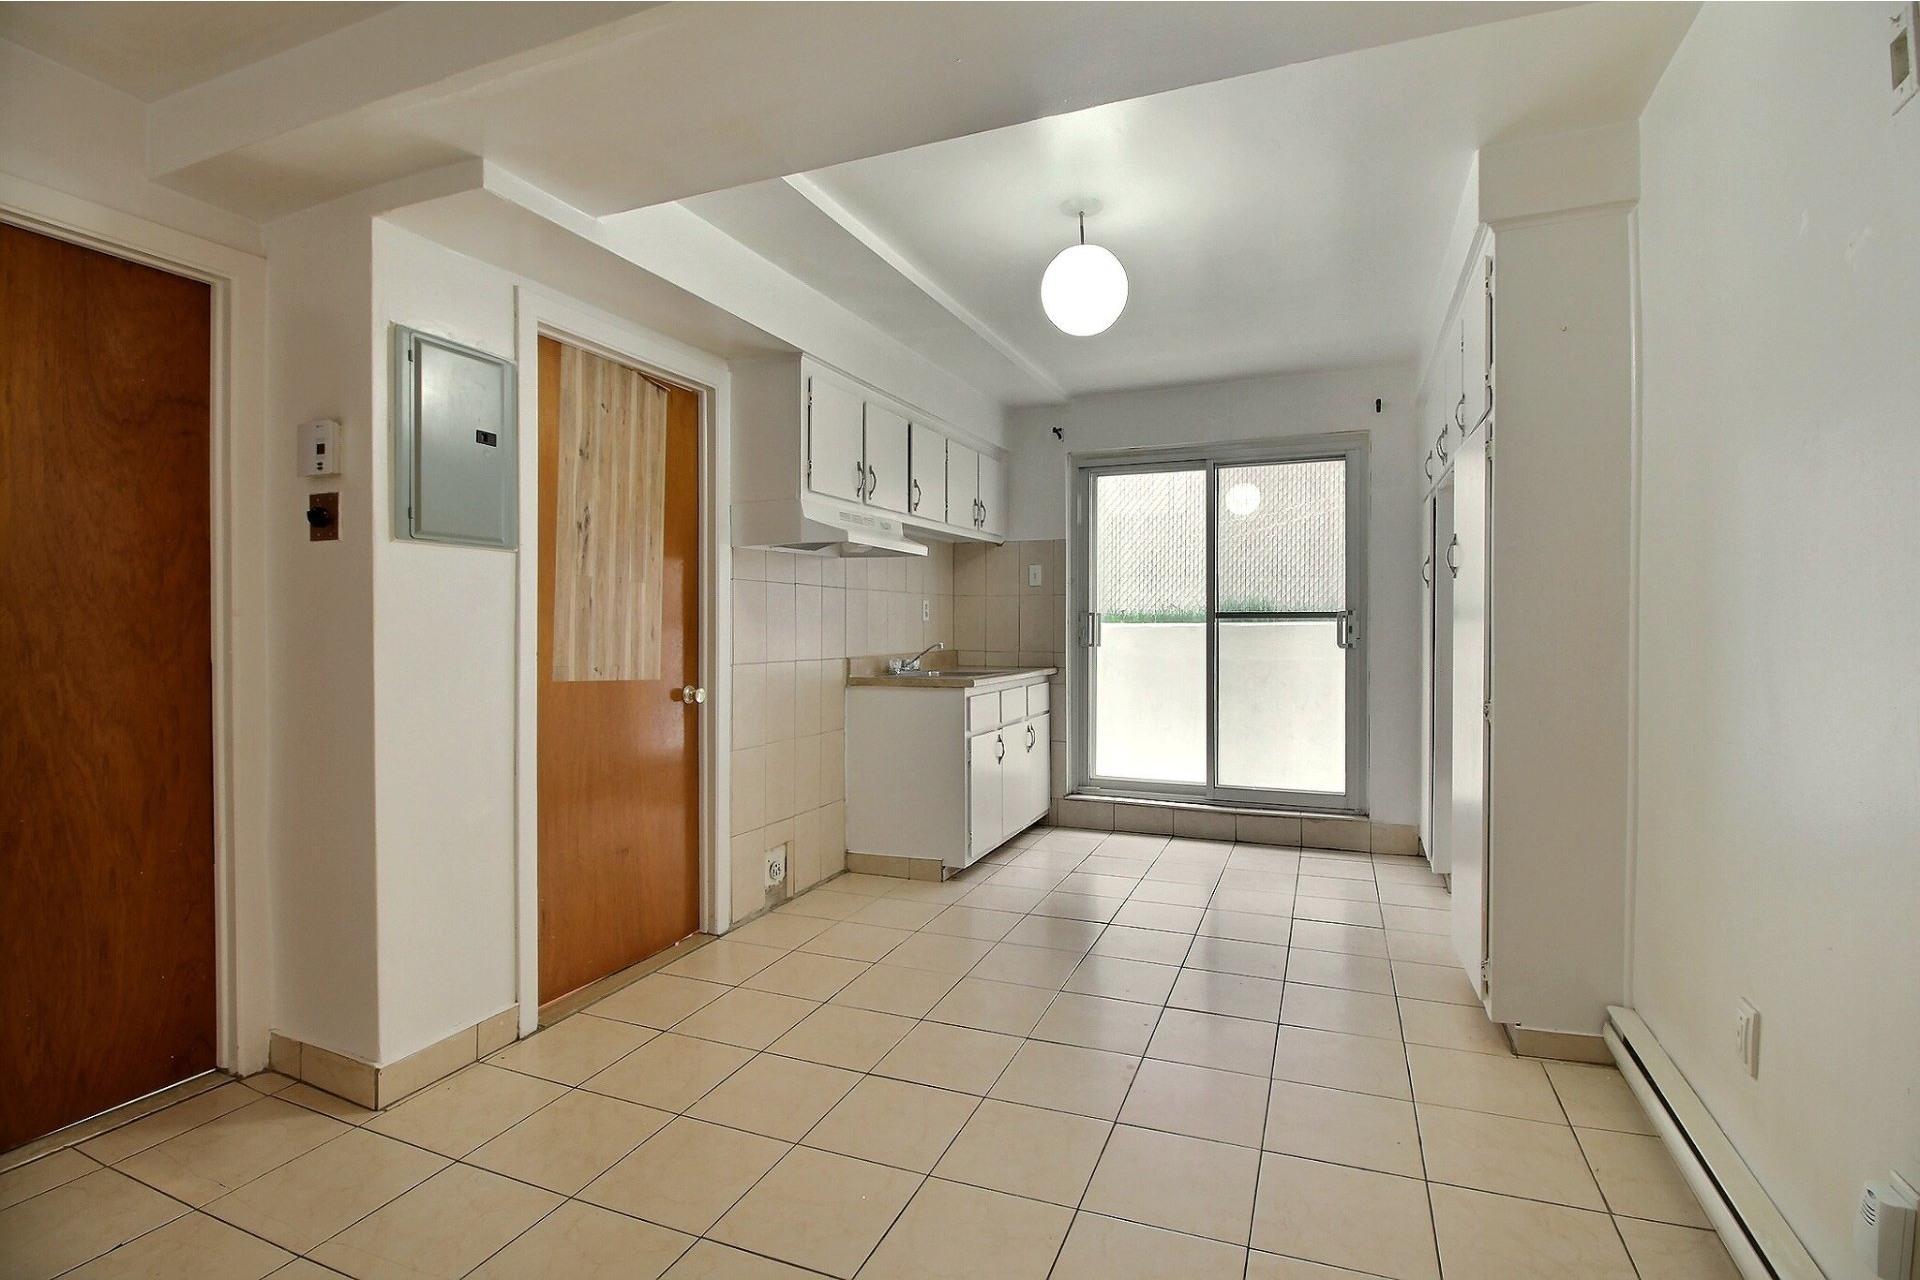 image 3 - Apartment For rent Saint-Léonard Montréal  - 4 rooms